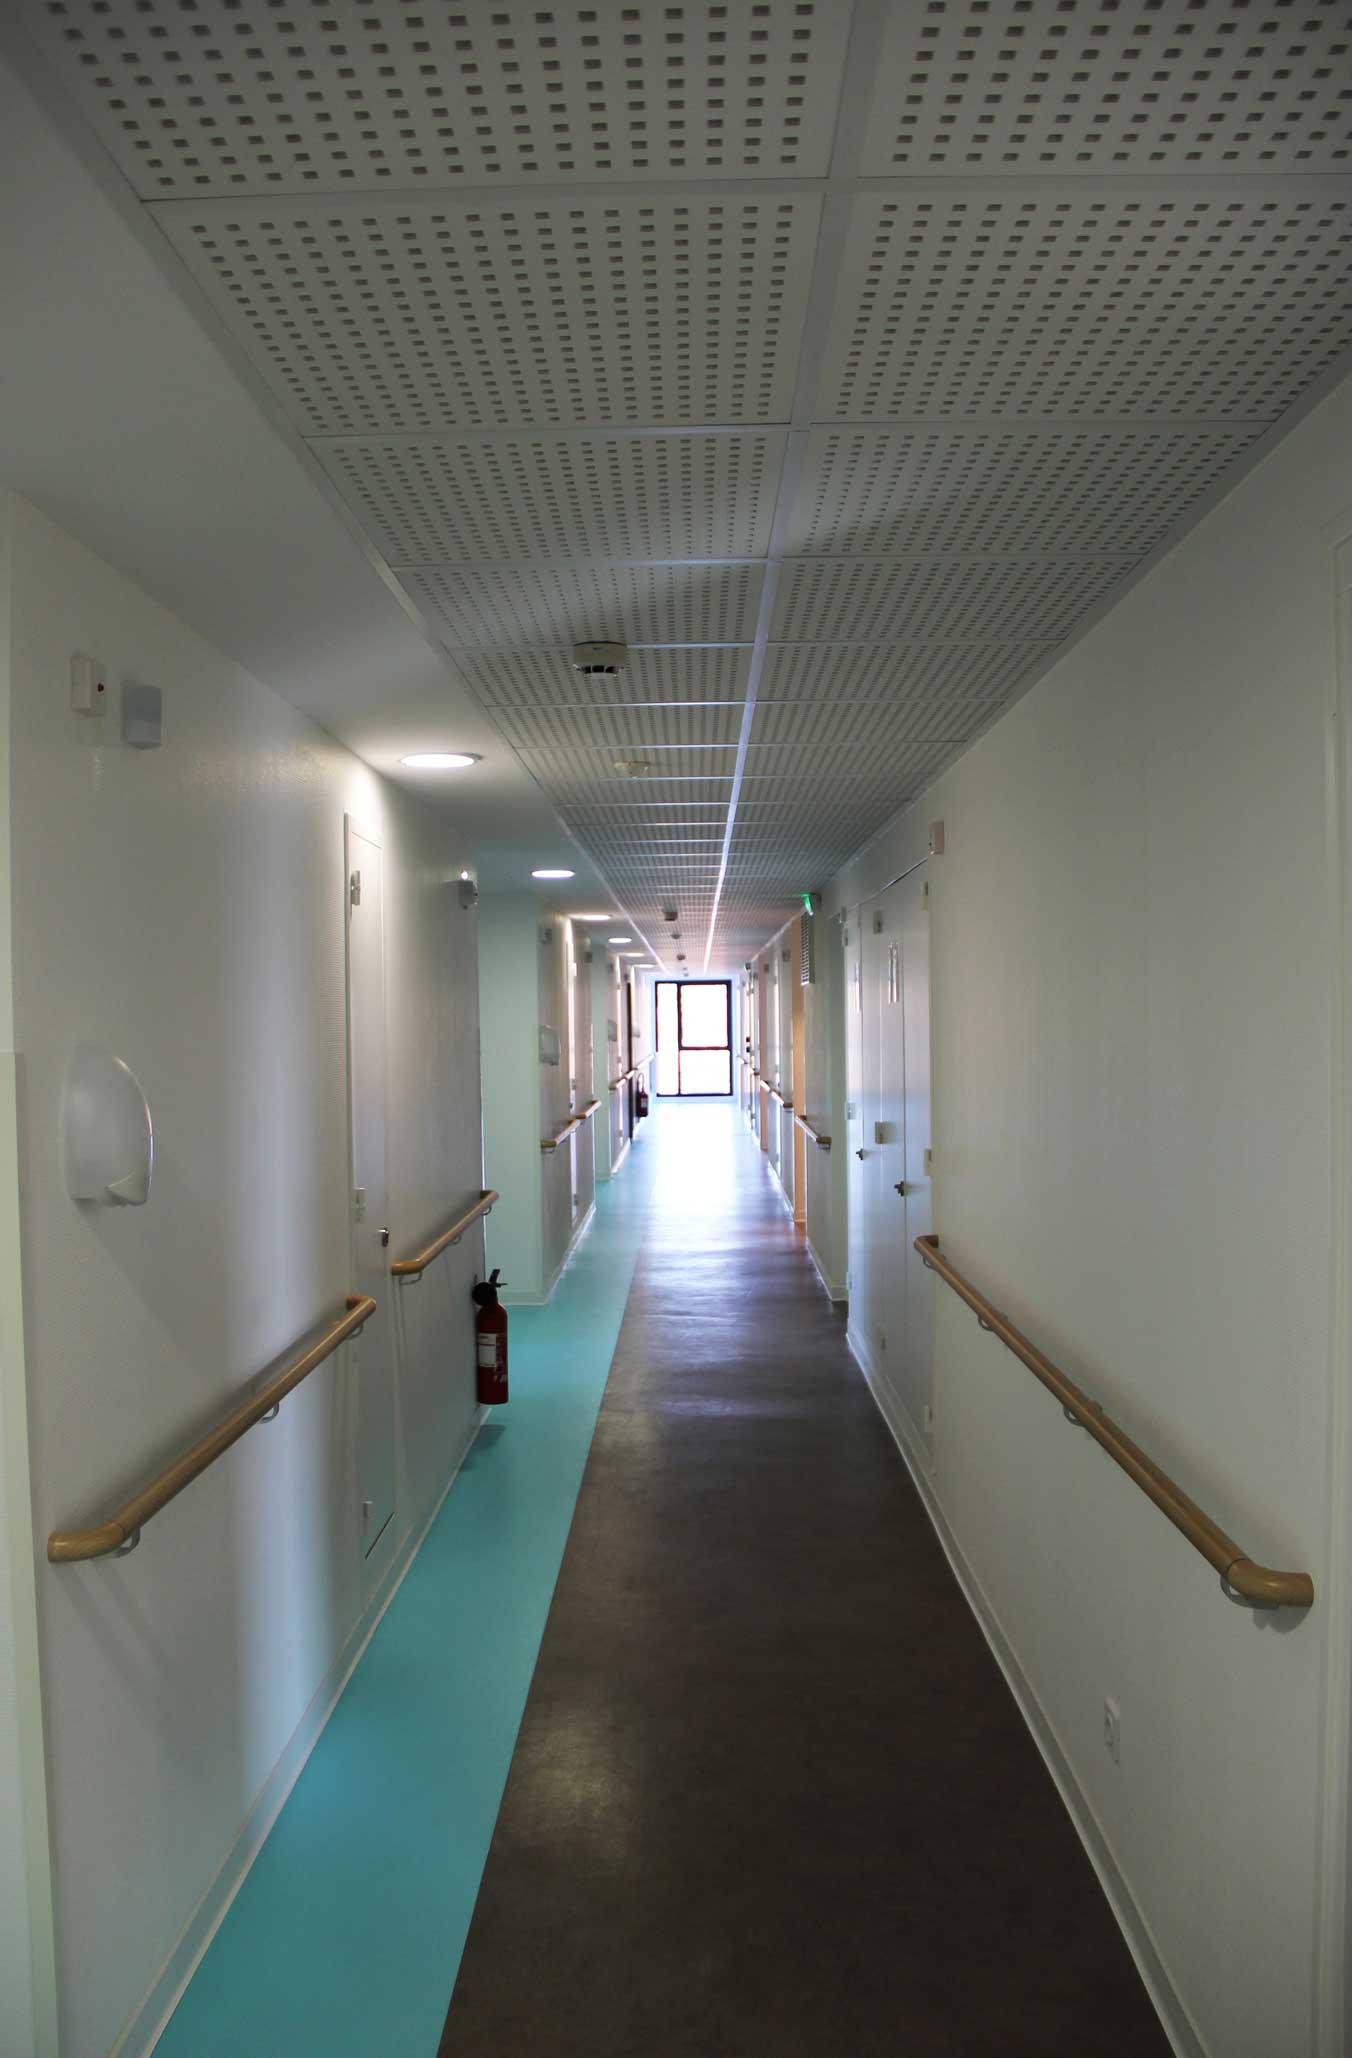 maison de retraite saint julien couloir